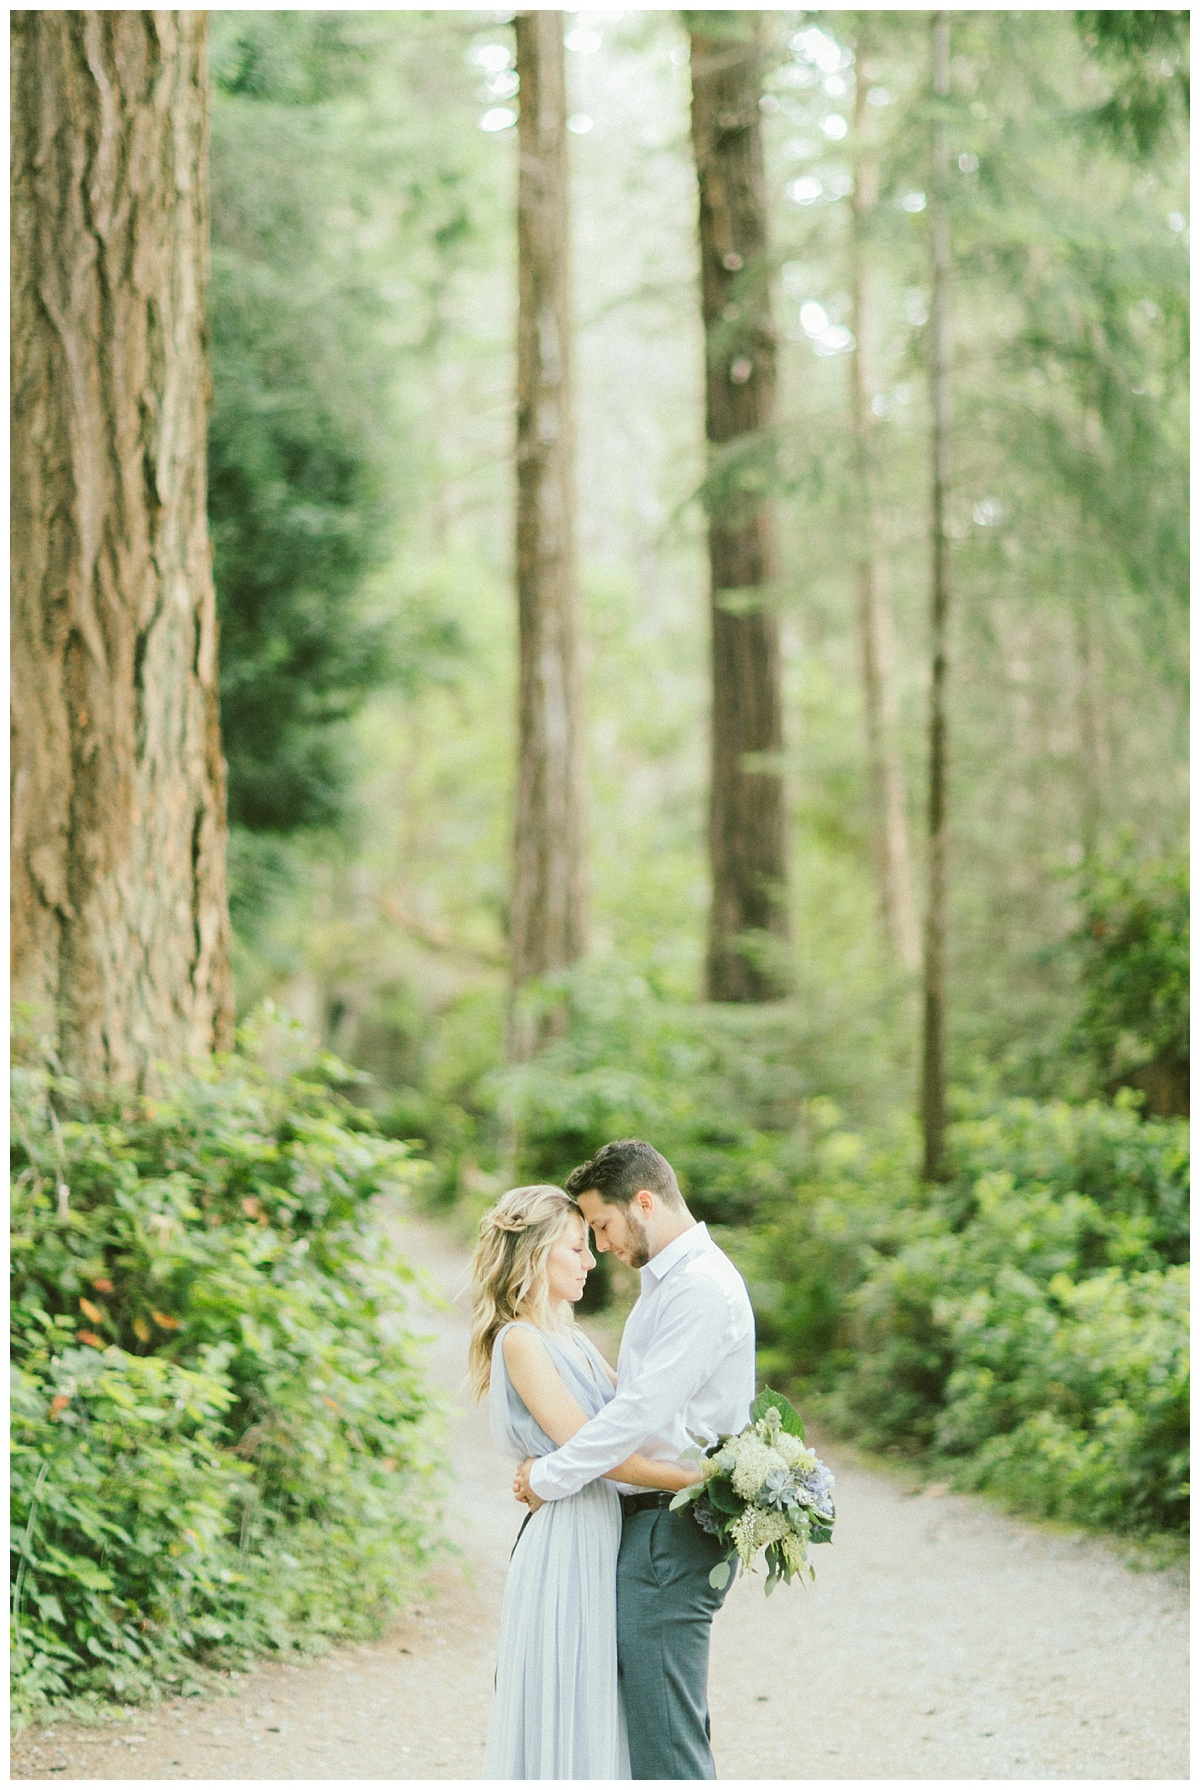 Hong Kong Fine Art Wedding Prewedding Photographer Mattie C. 00013.jpg